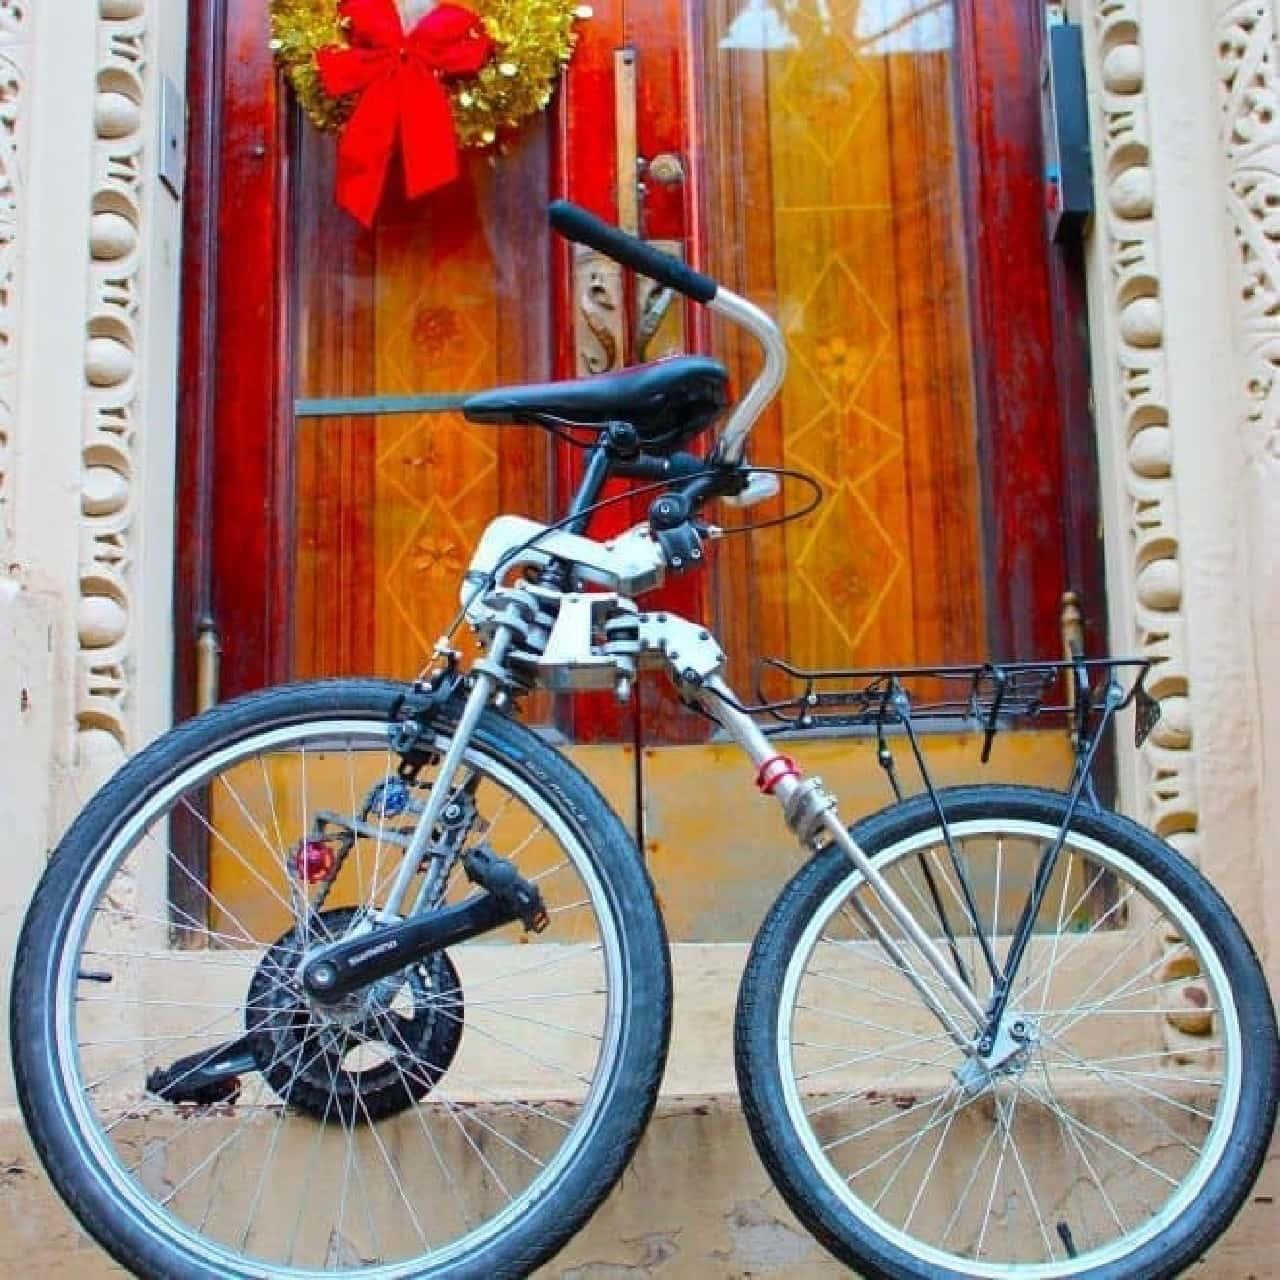 前輪駆動の自転車「Bellcycle」